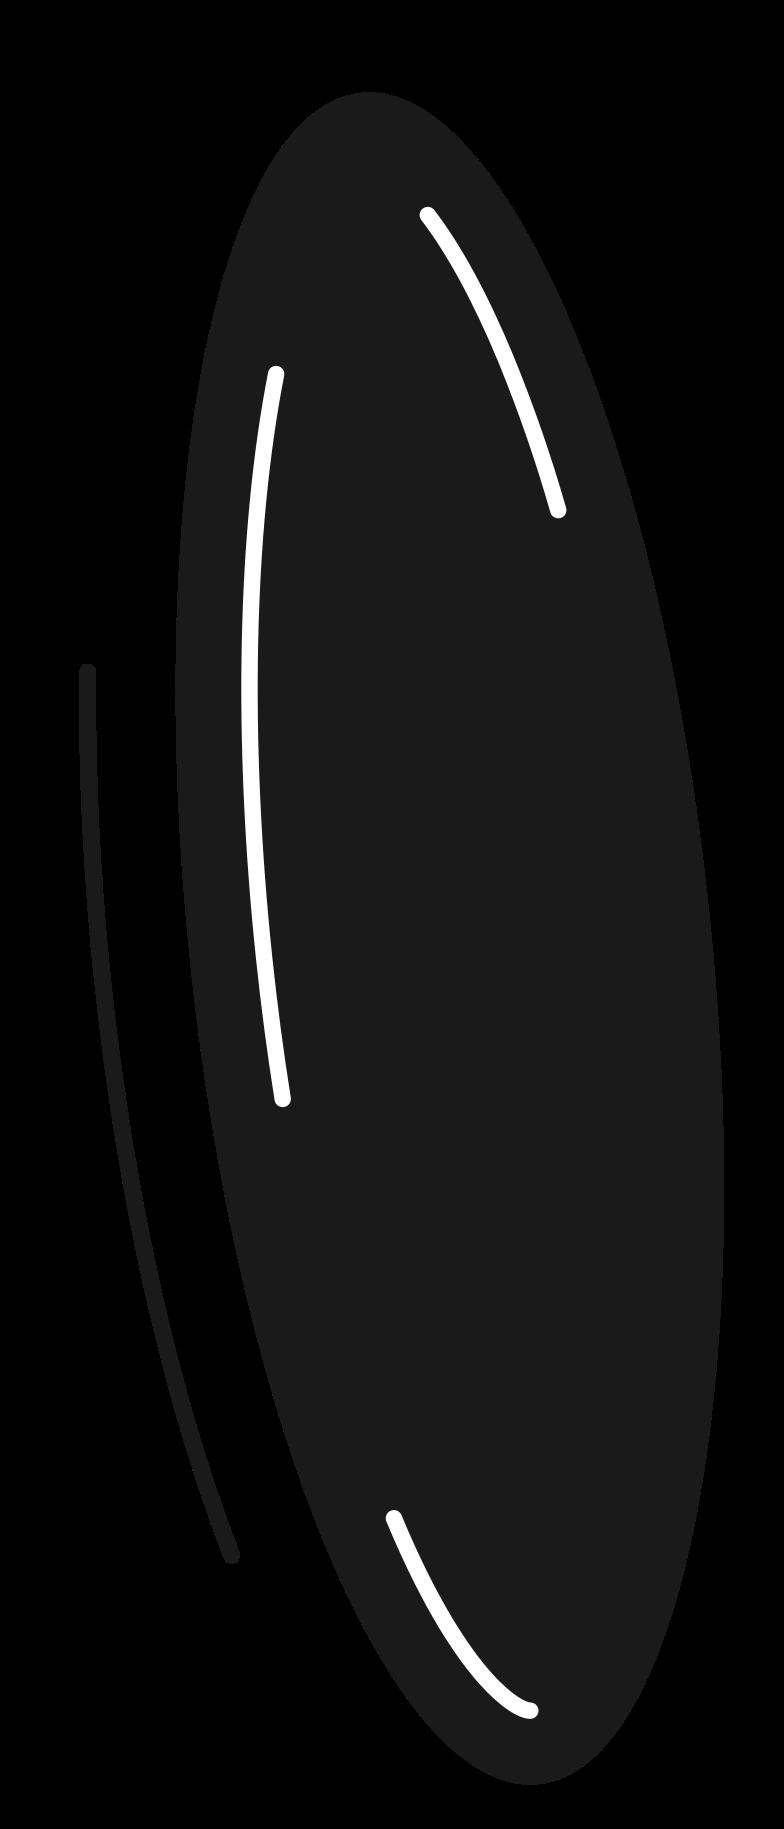 teleport Clipart illustration in PNG, SVG